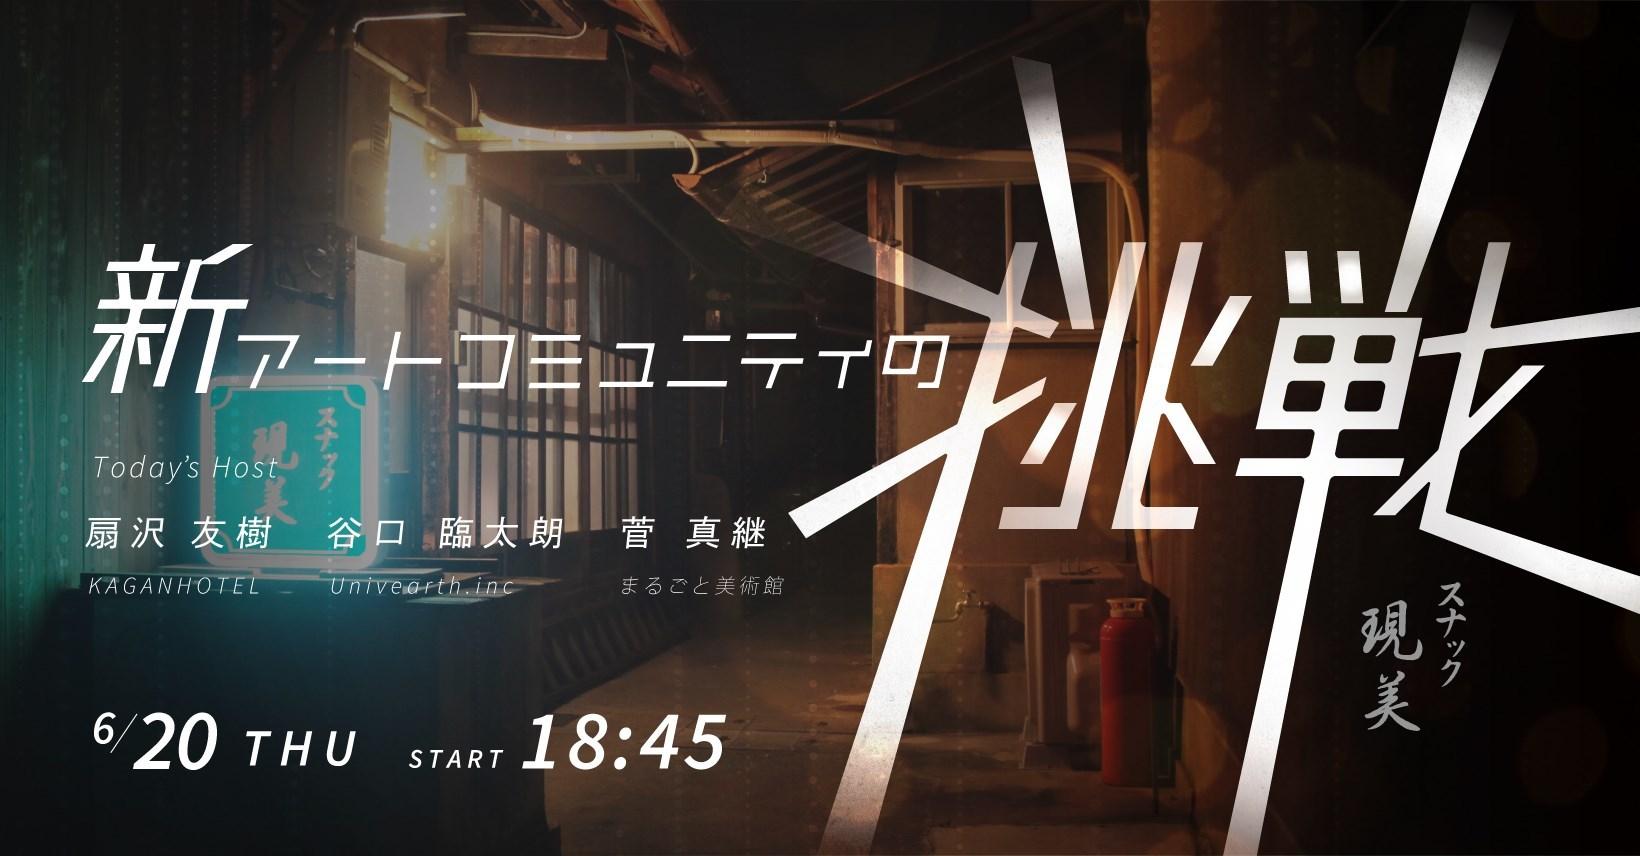 京都・大阪から3つのグループが集合「新アートコミュニティの挑戦」、スナック現美で!_b0165526_14170487.jpg